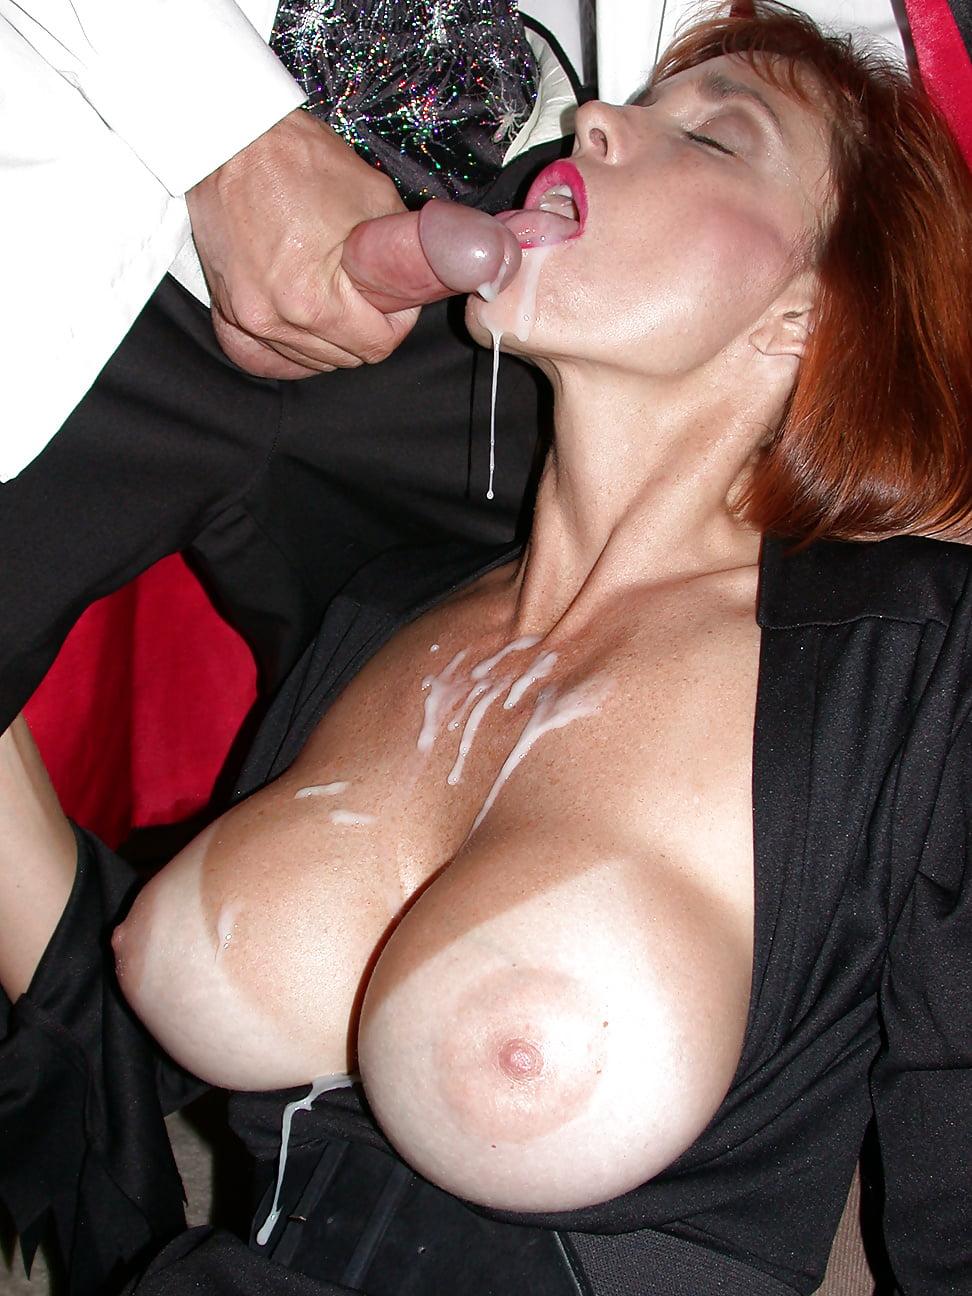 Зрелые женщины с большими формами и сперма, порнуха онлайн мастурбирует в душе